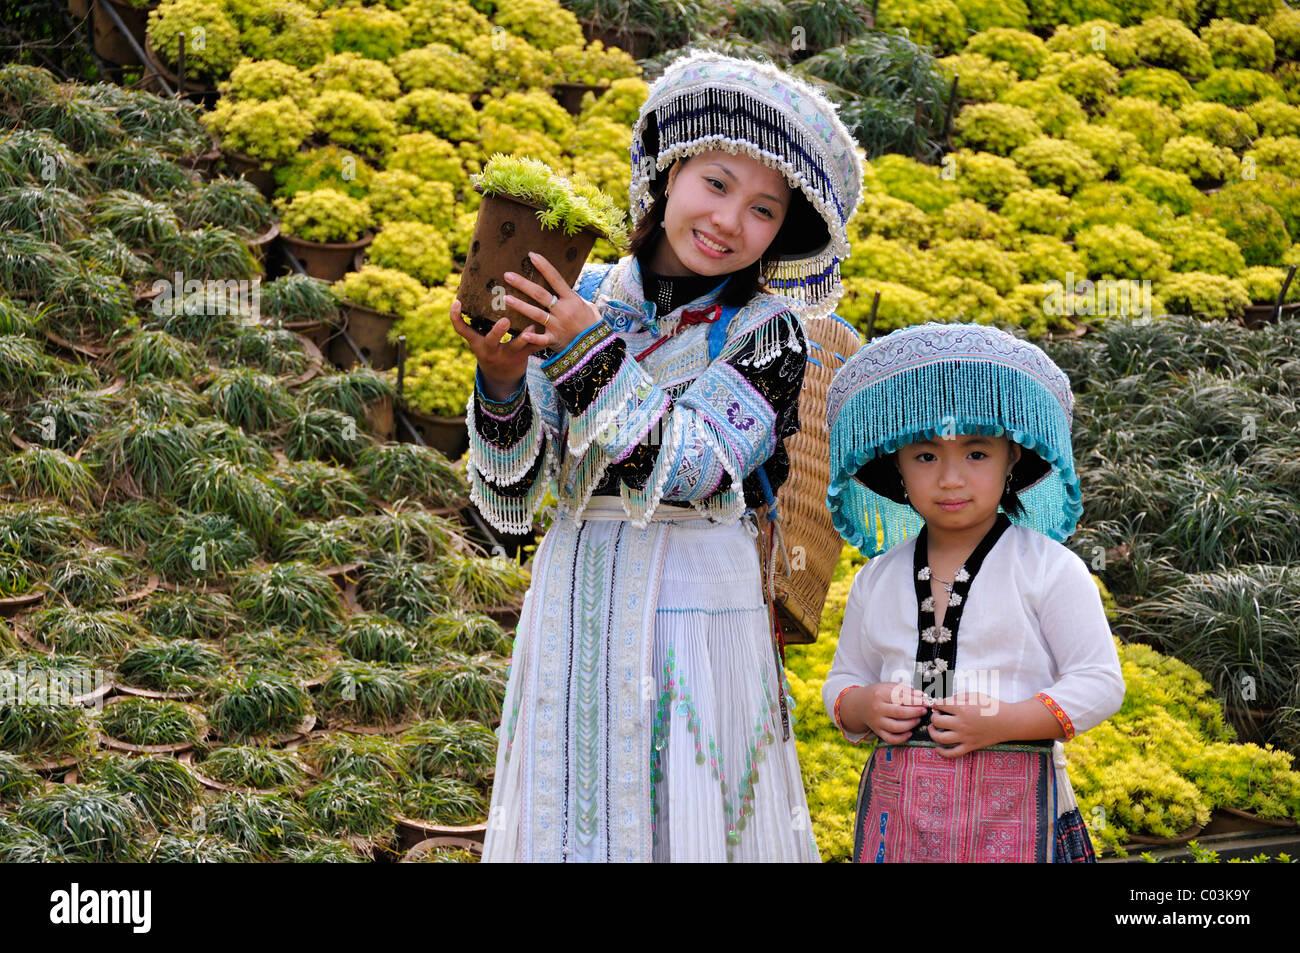 Los turistas vistiendo un traje tradicional, SAPA, Vietnam, Asia Imagen De Stock